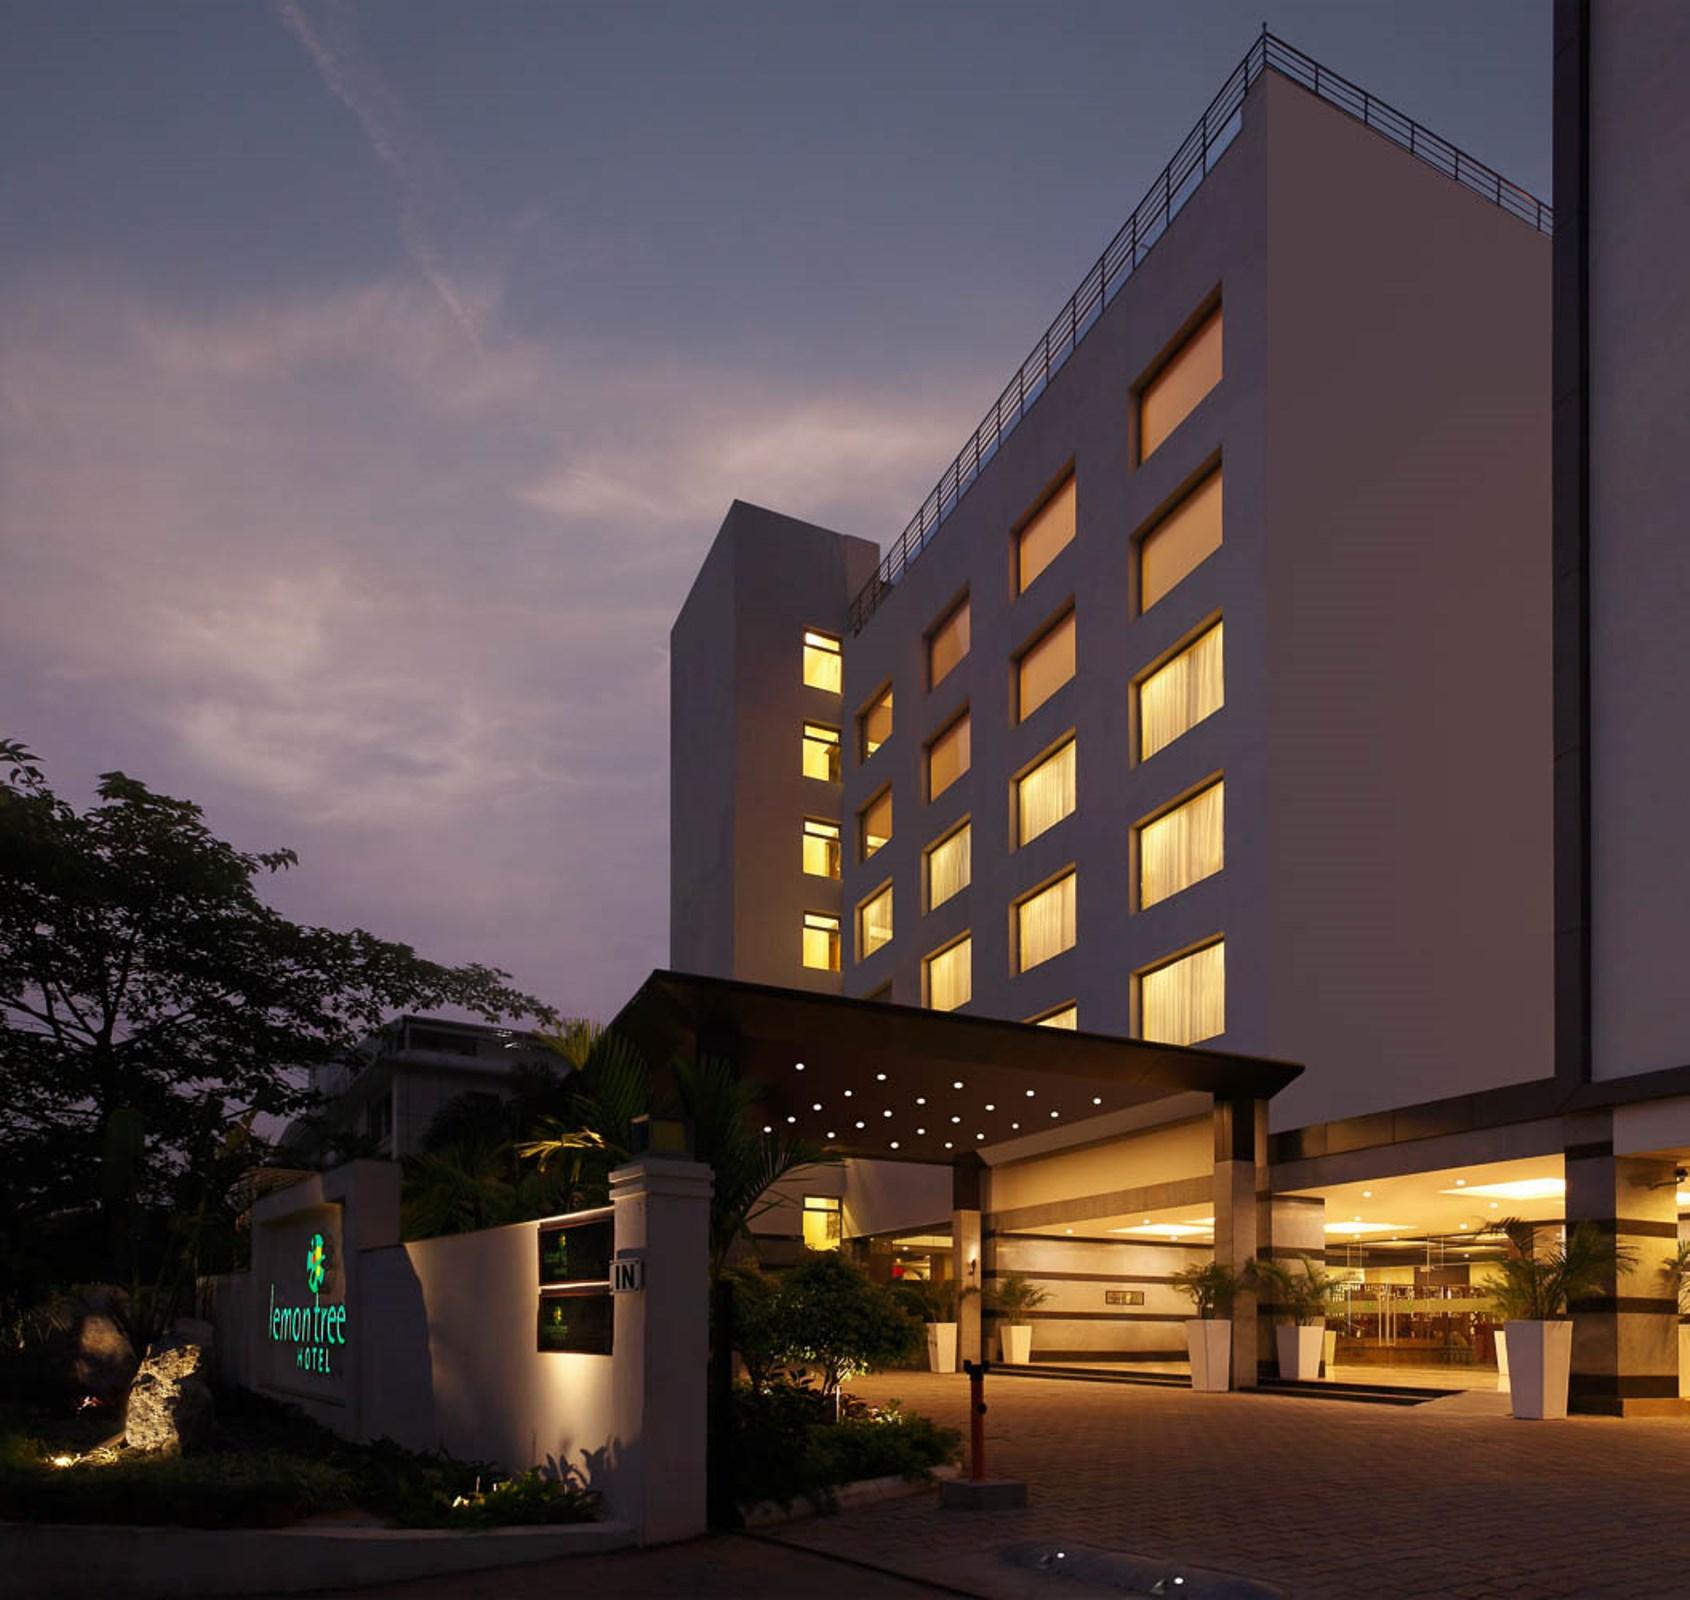 Lemon Tree Hotel, Whitefield, Bangalore, Bangalore